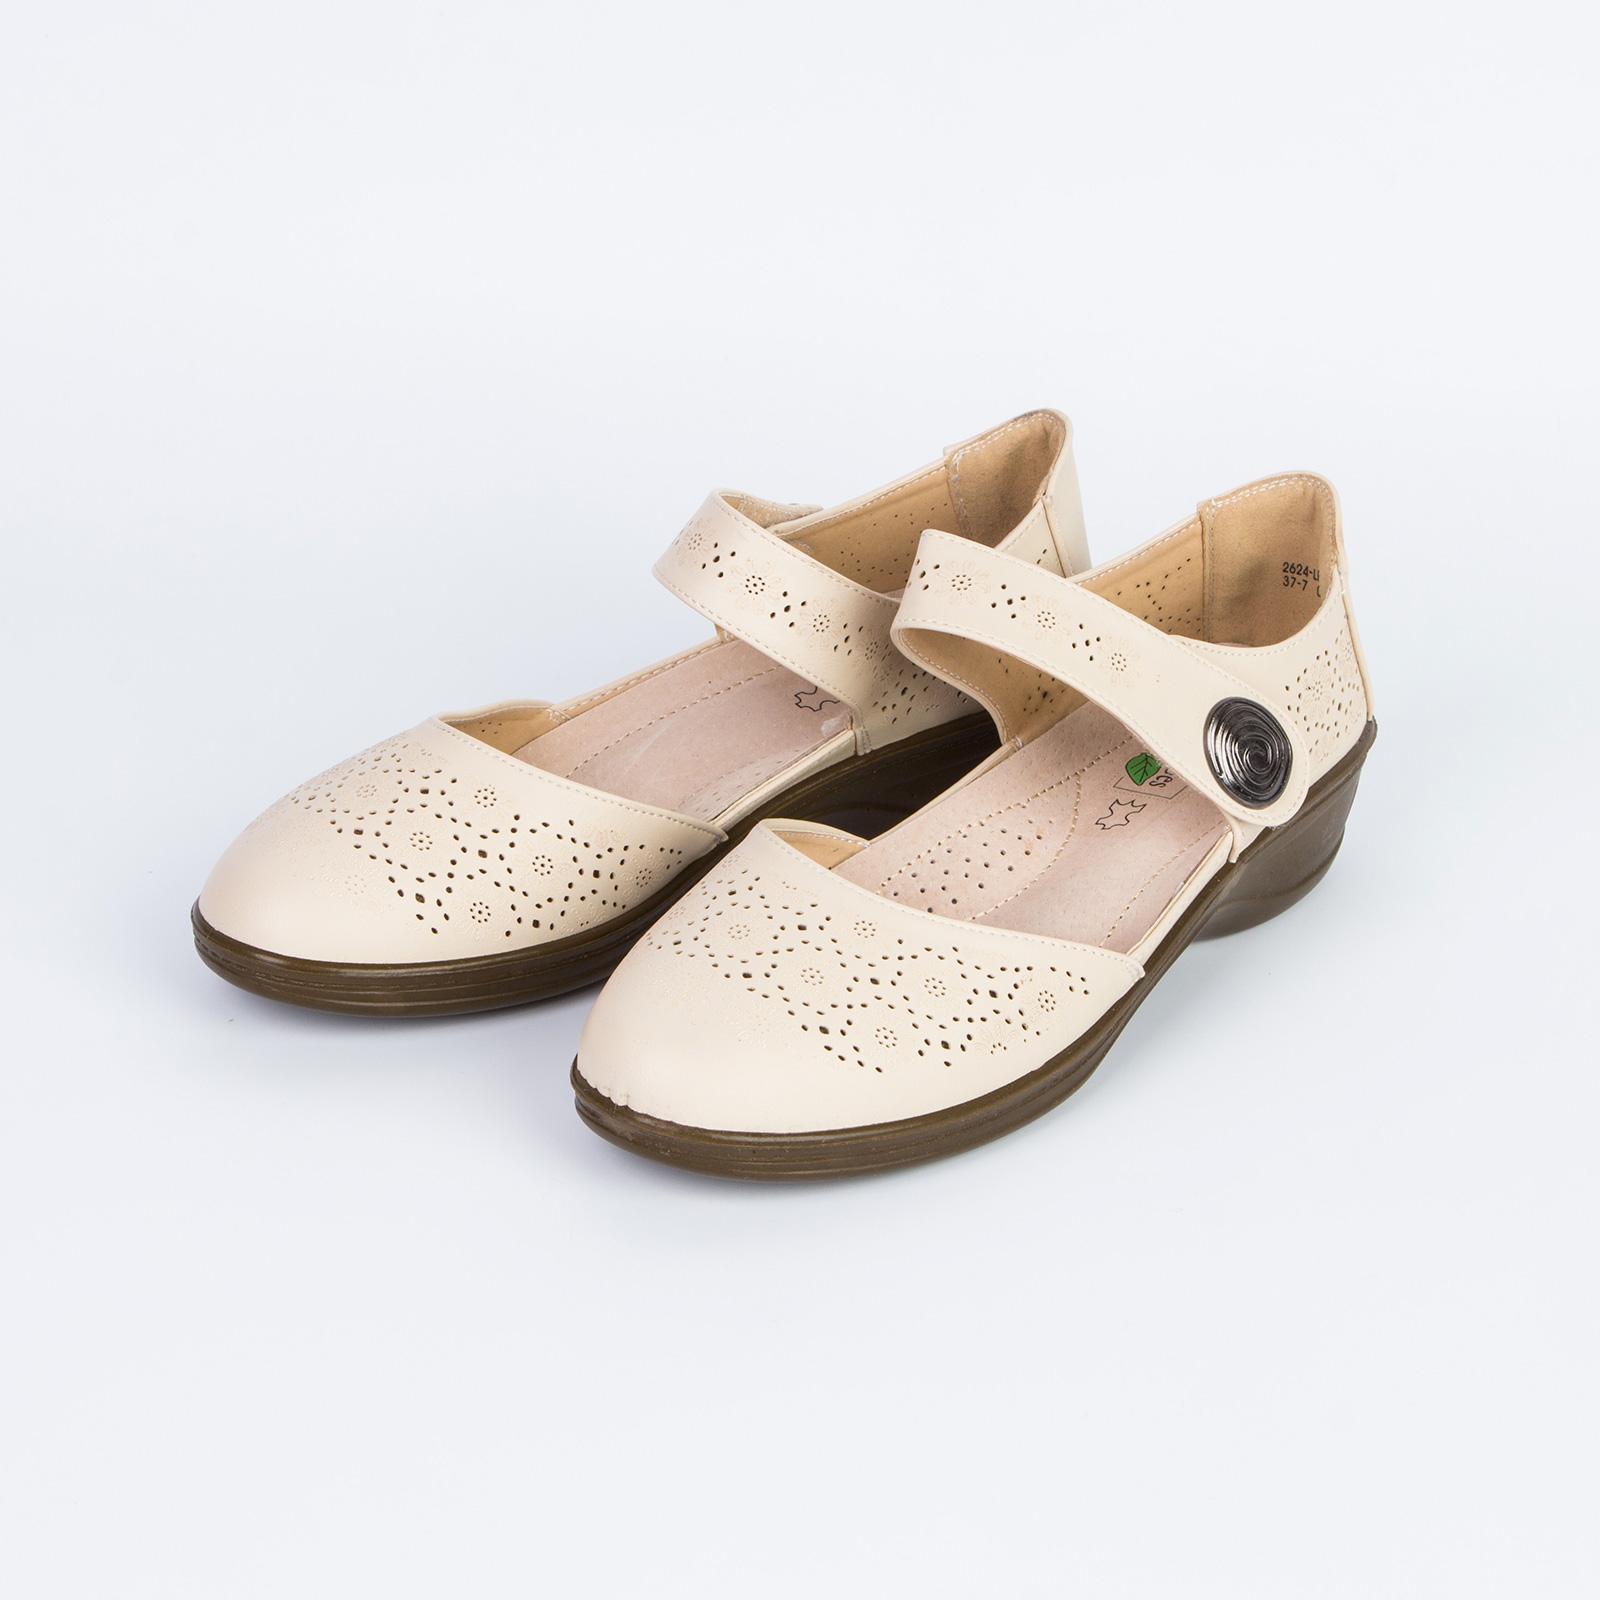 Туфли женские перфорированные на удобной подошве с ремешком